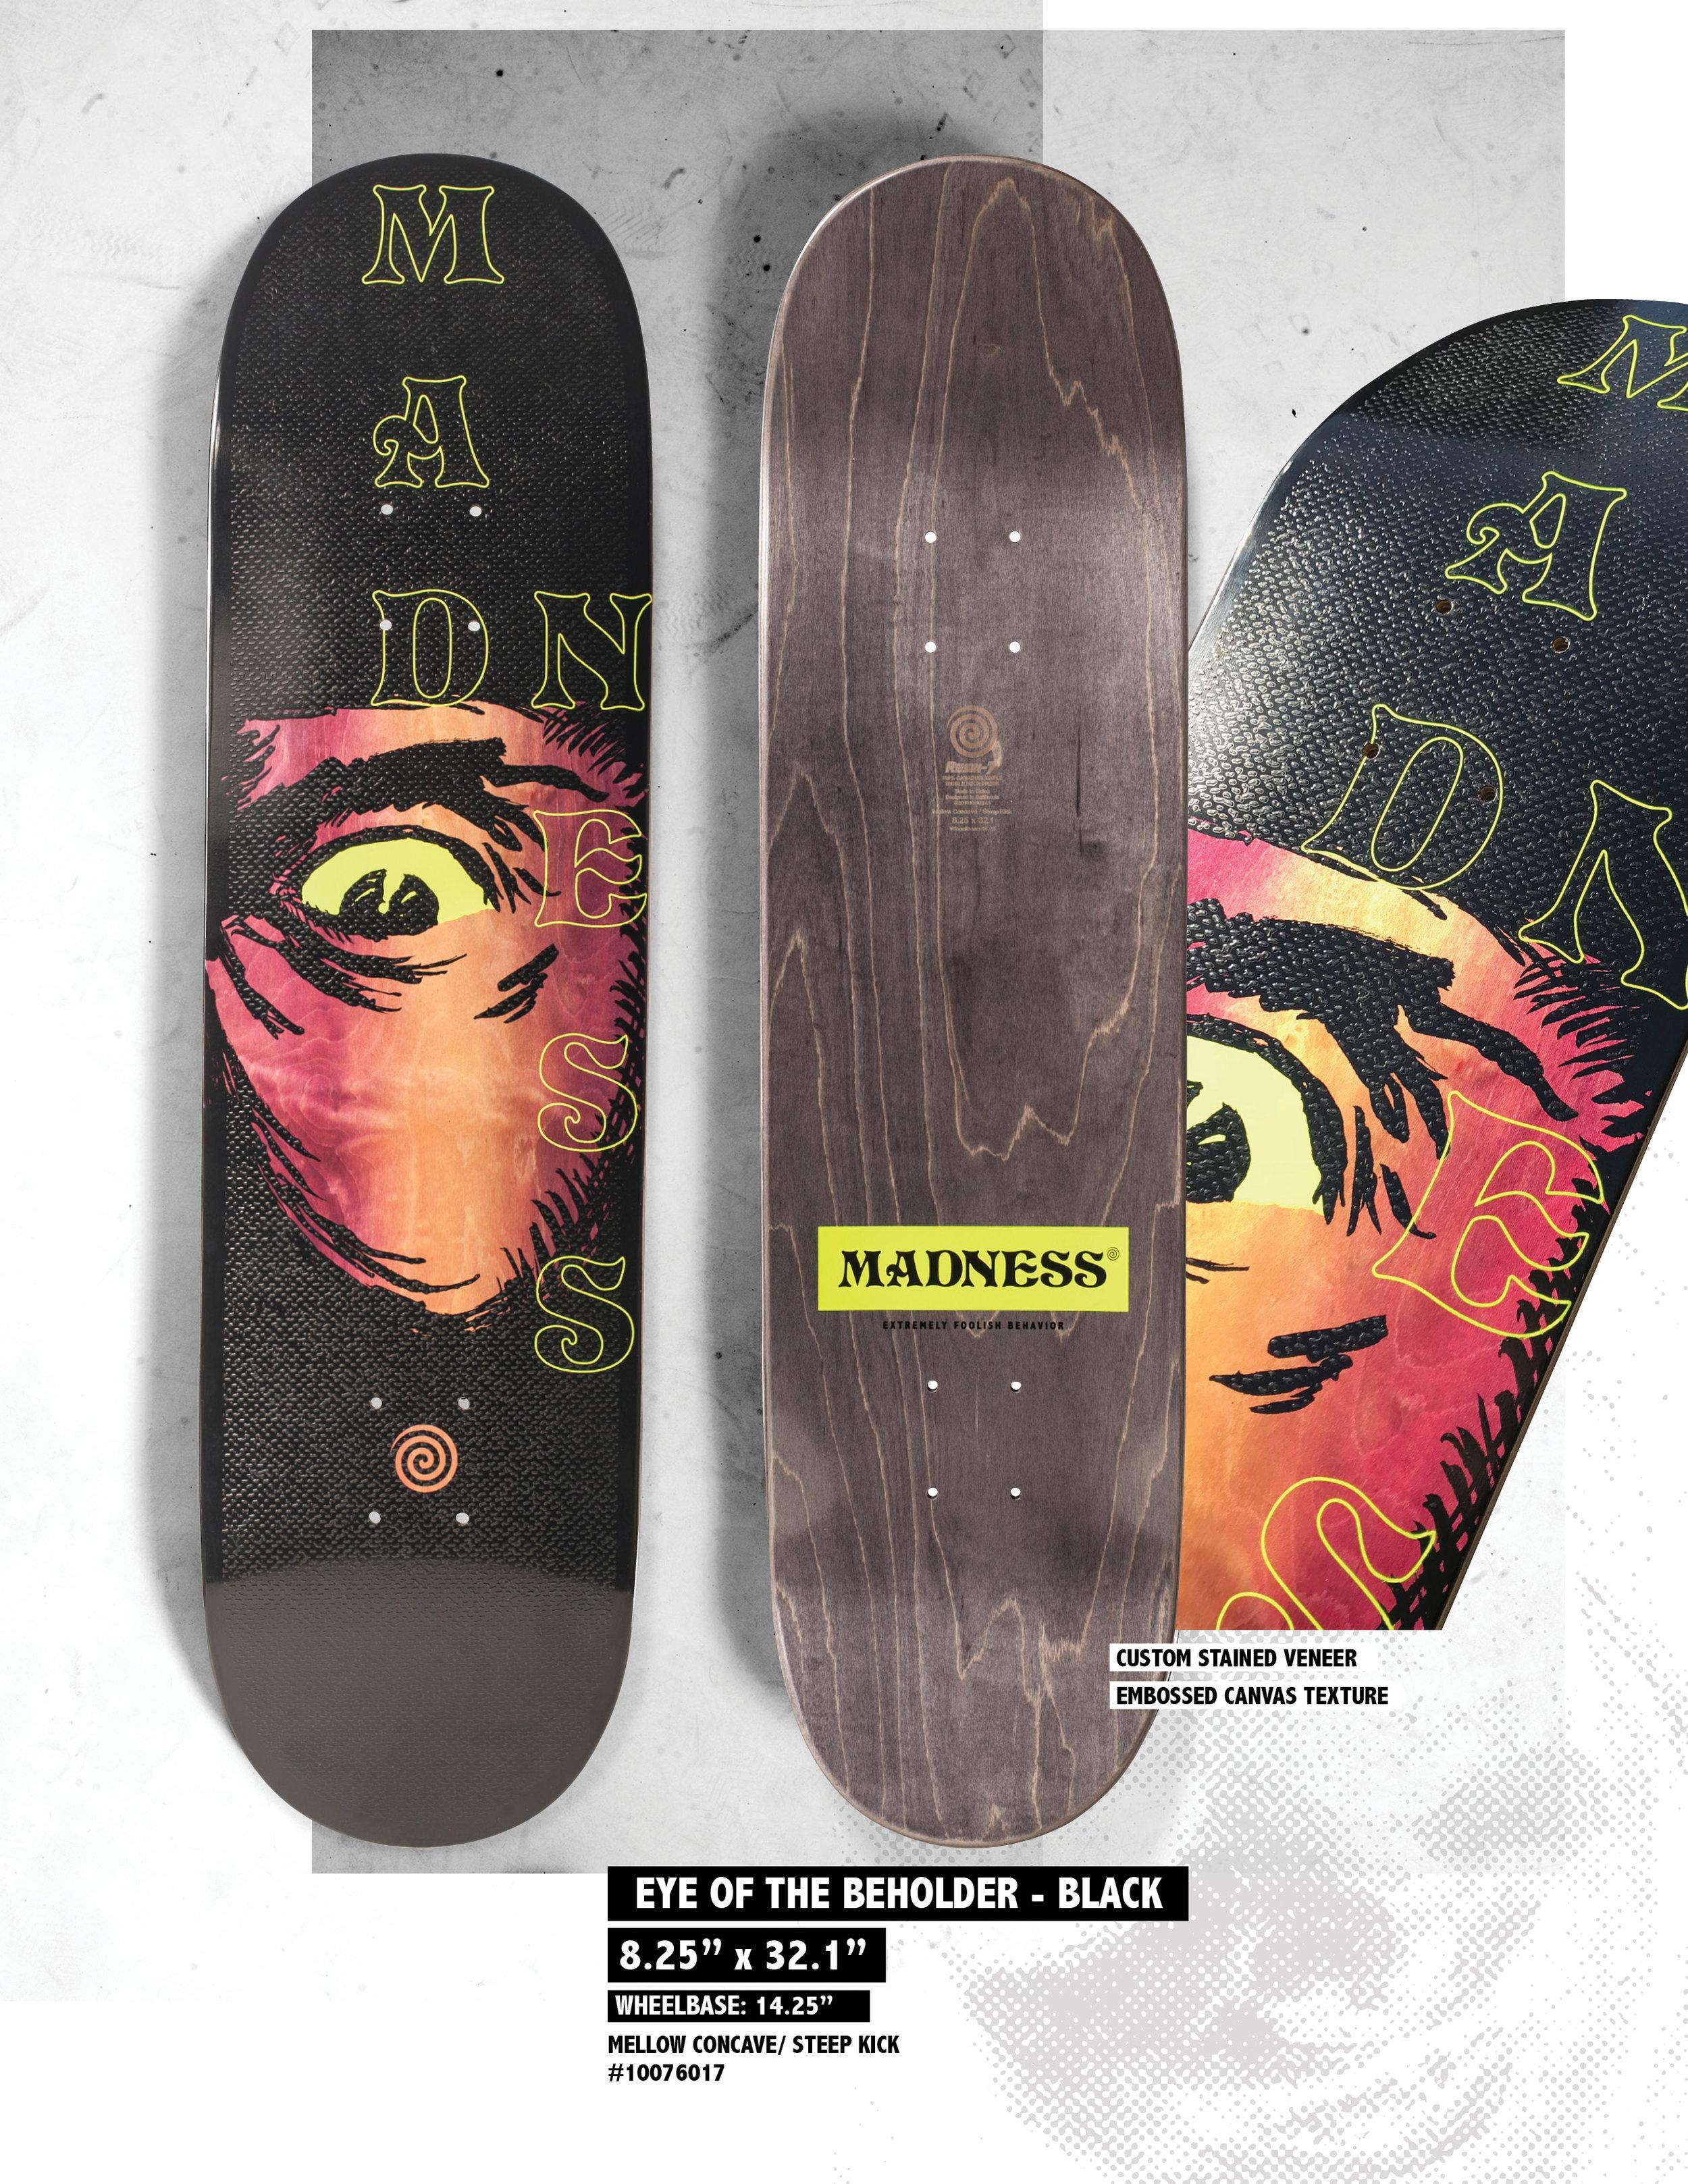 Madness_Spring_1920_Eye_of_the_beholder_Skateboard_Deck.jpg